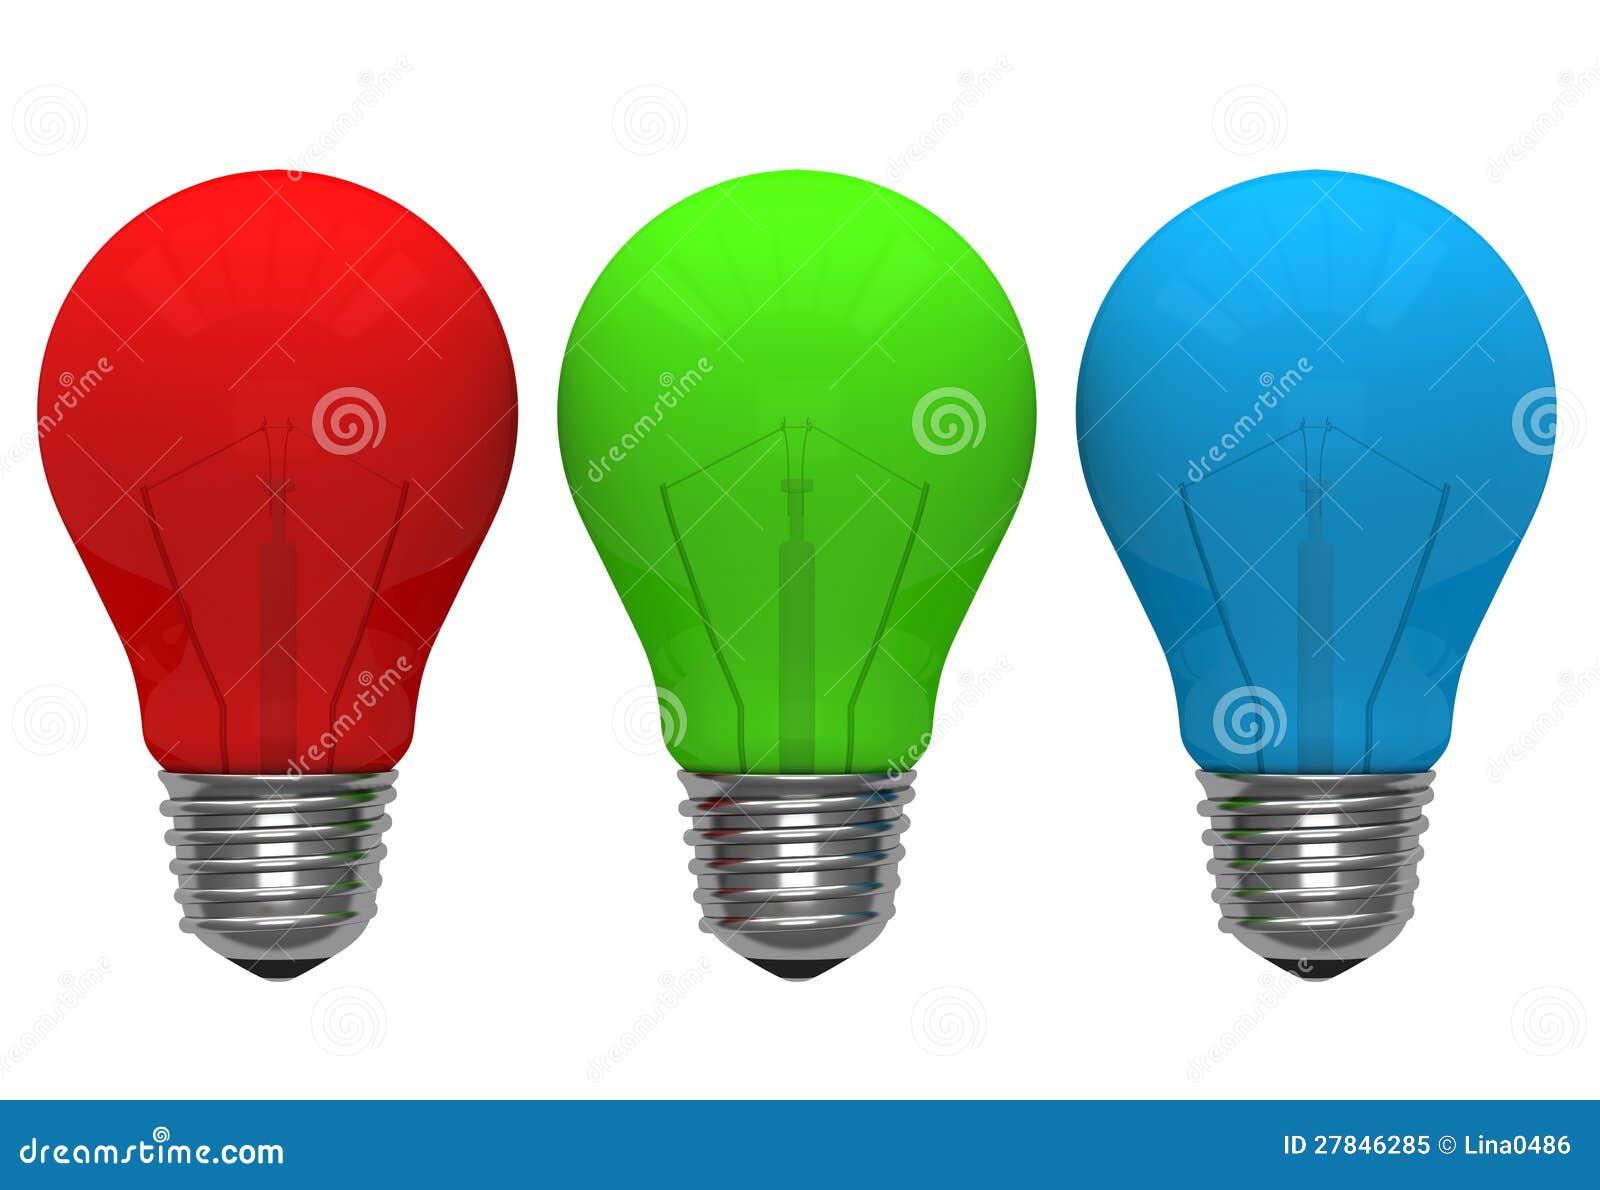 ampoule de couleur vert bleu rouge photo libre de droits image 27846285. Black Bedroom Furniture Sets. Home Design Ideas